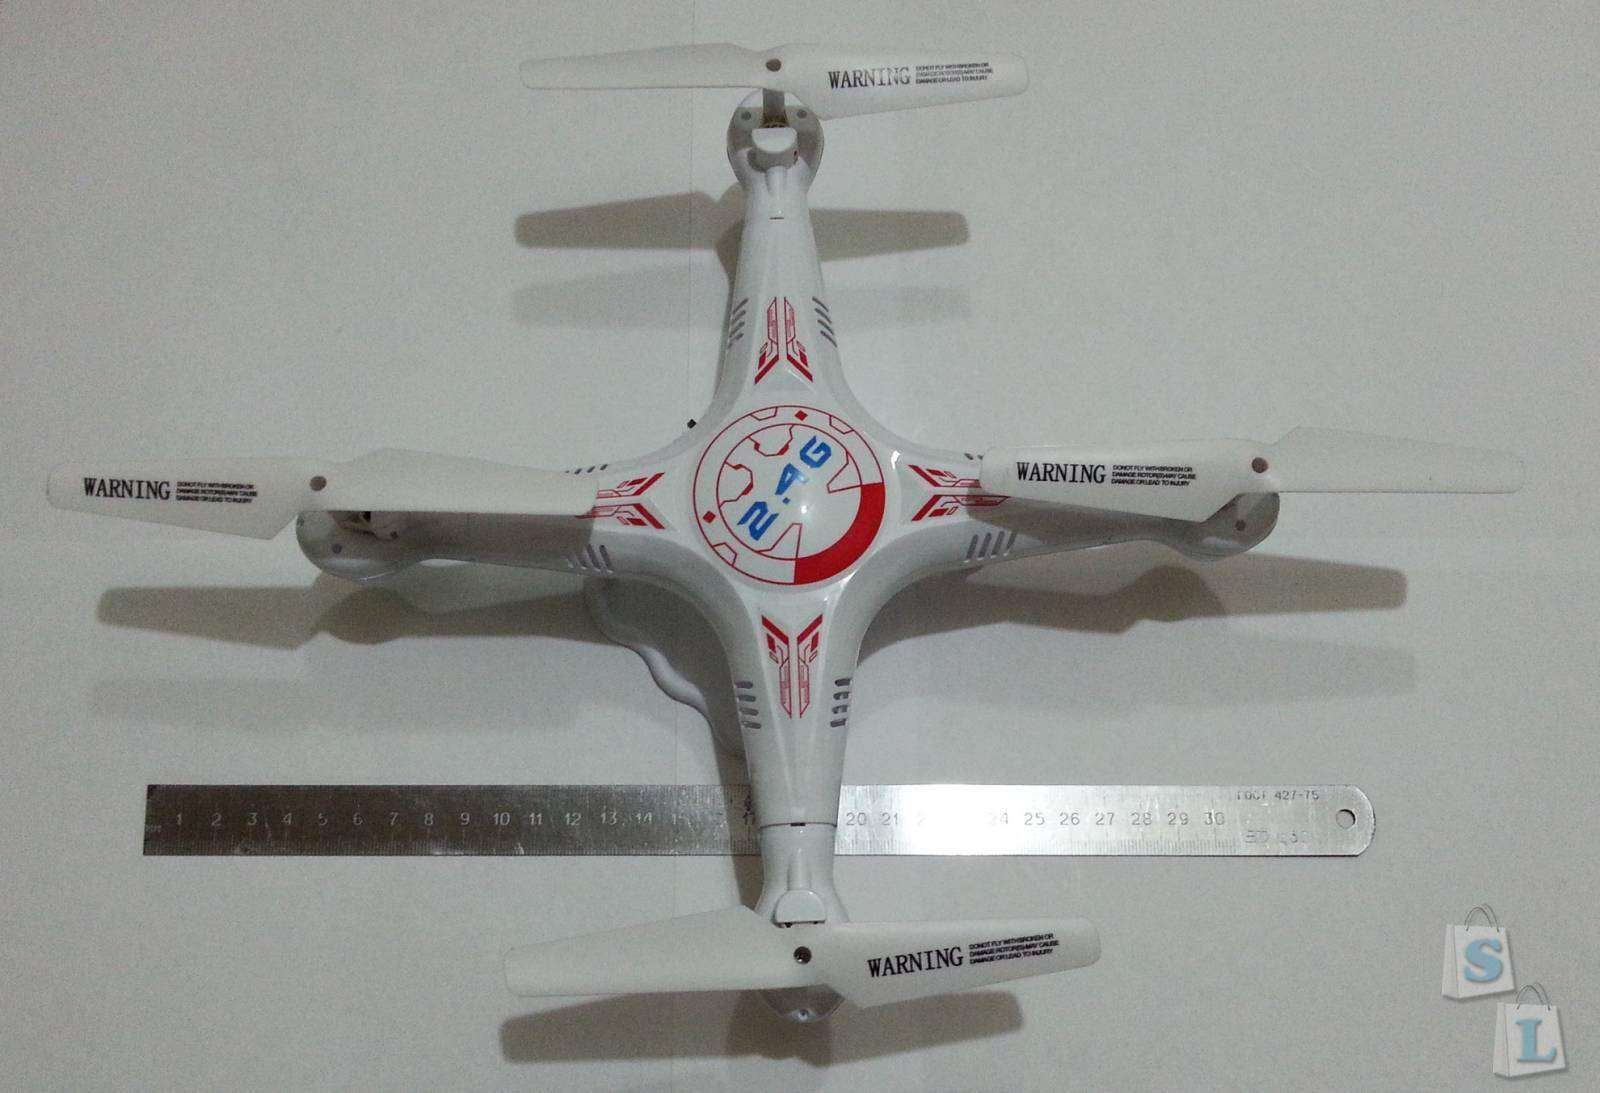 TomTop: Бюджетный квадрокоптер Bayang X5 с отличным функционалом